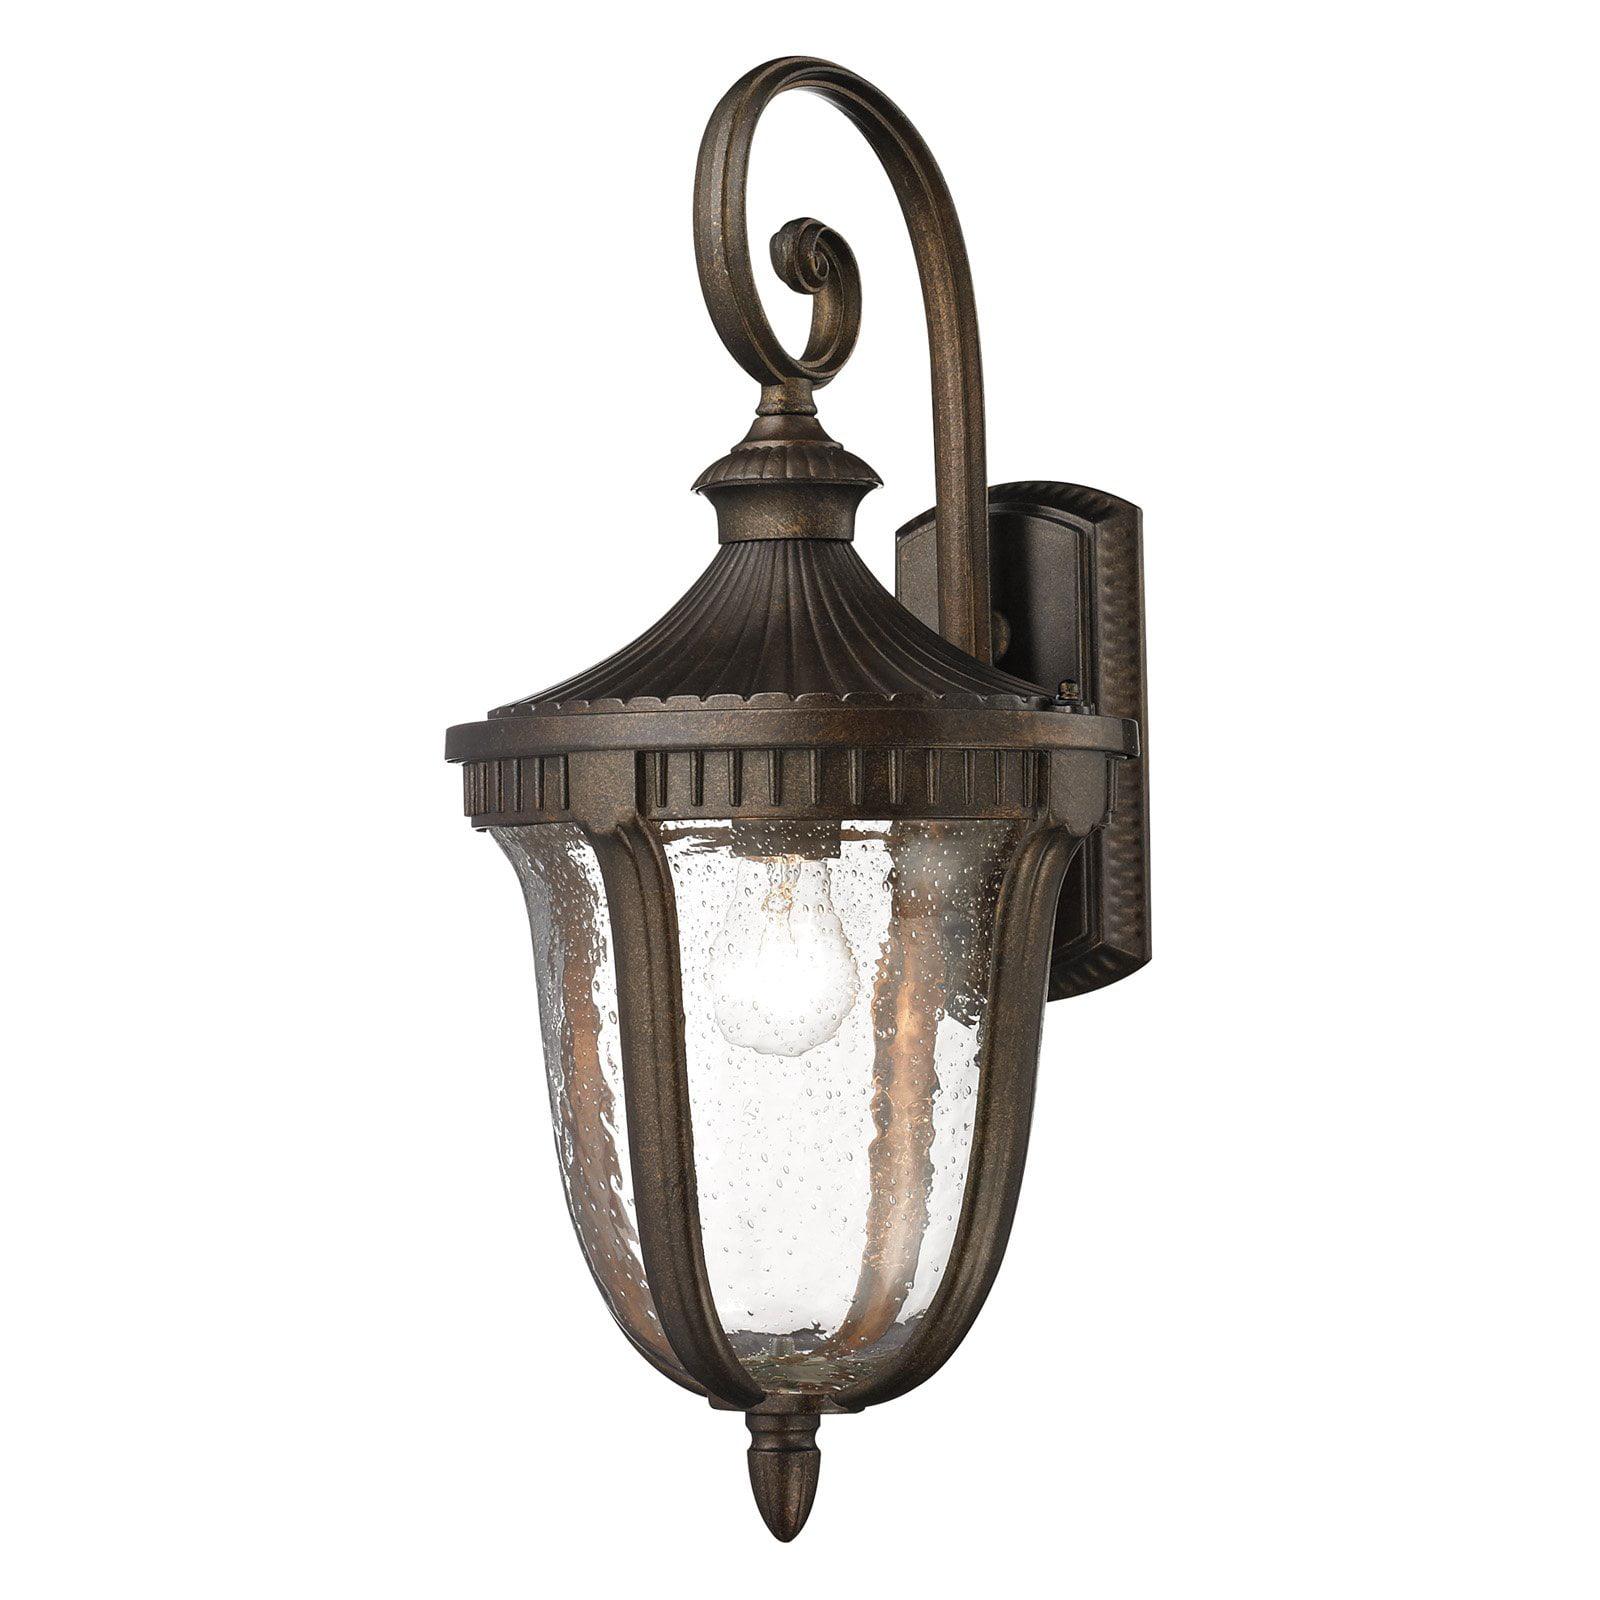 ELK Lighting Worthington 2700 Outdoor Sconce - Hazelnut Bronze